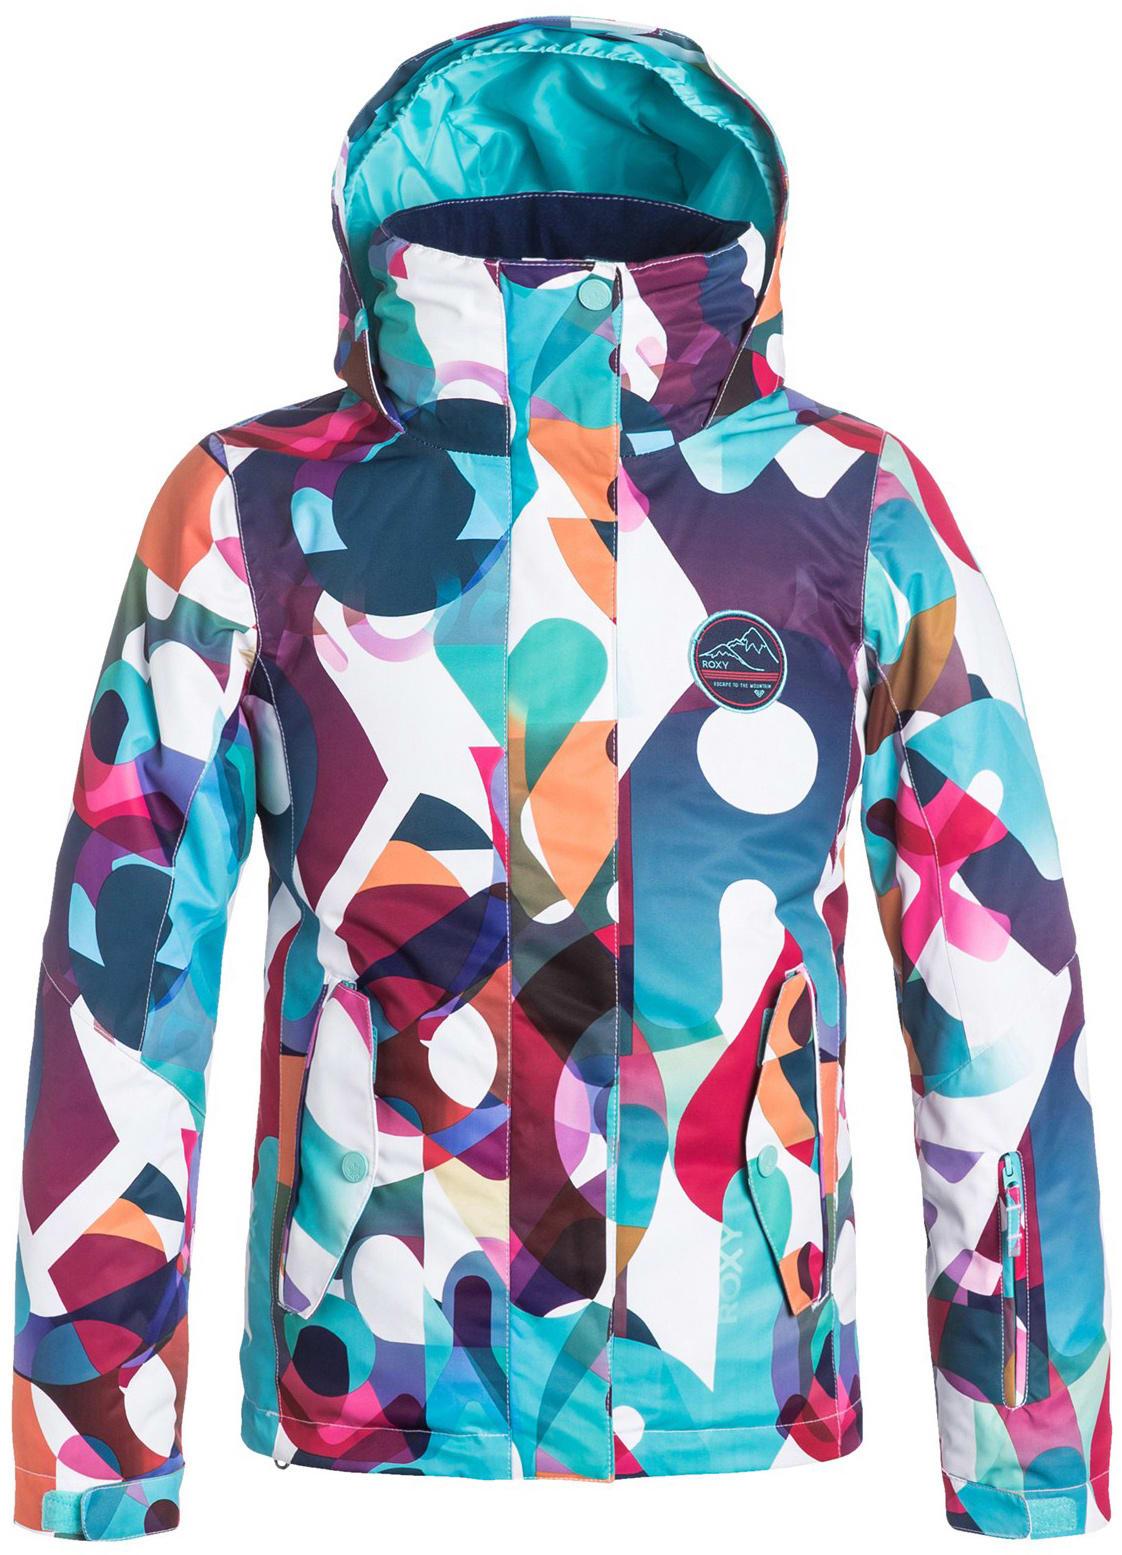 Roxy Jetty Snowboard Jacket Girls